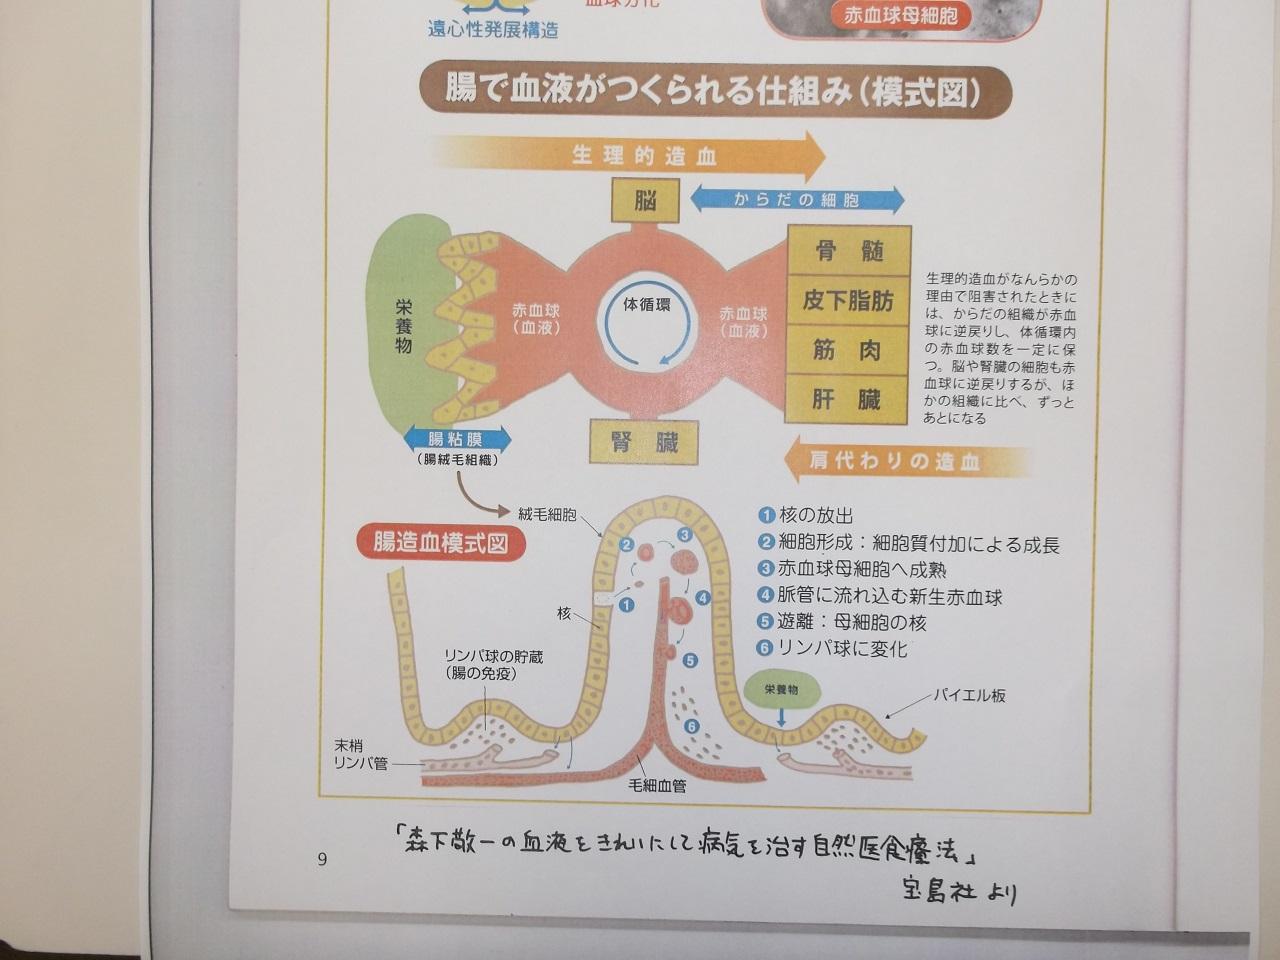 腸造血資料その1